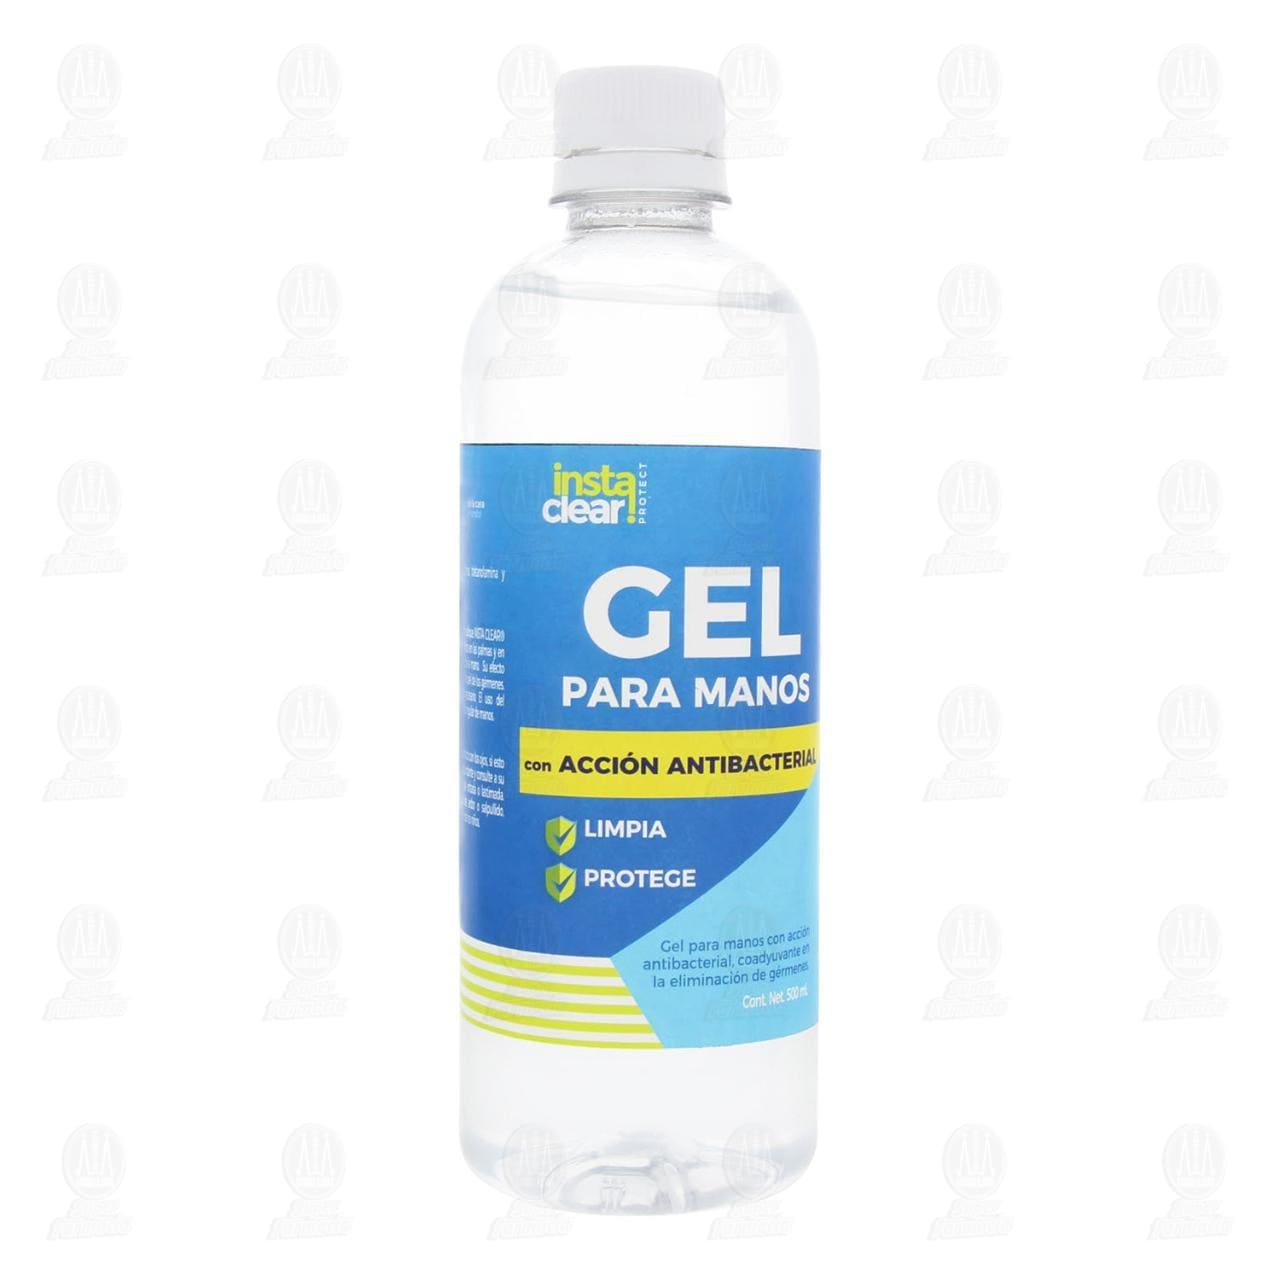 comprar https://www.movil.farmaciasguadalajara.com/wcsstore/FGCAS/wcs/products/1346245_A_1280_AL.jpg en farmacias guadalajara